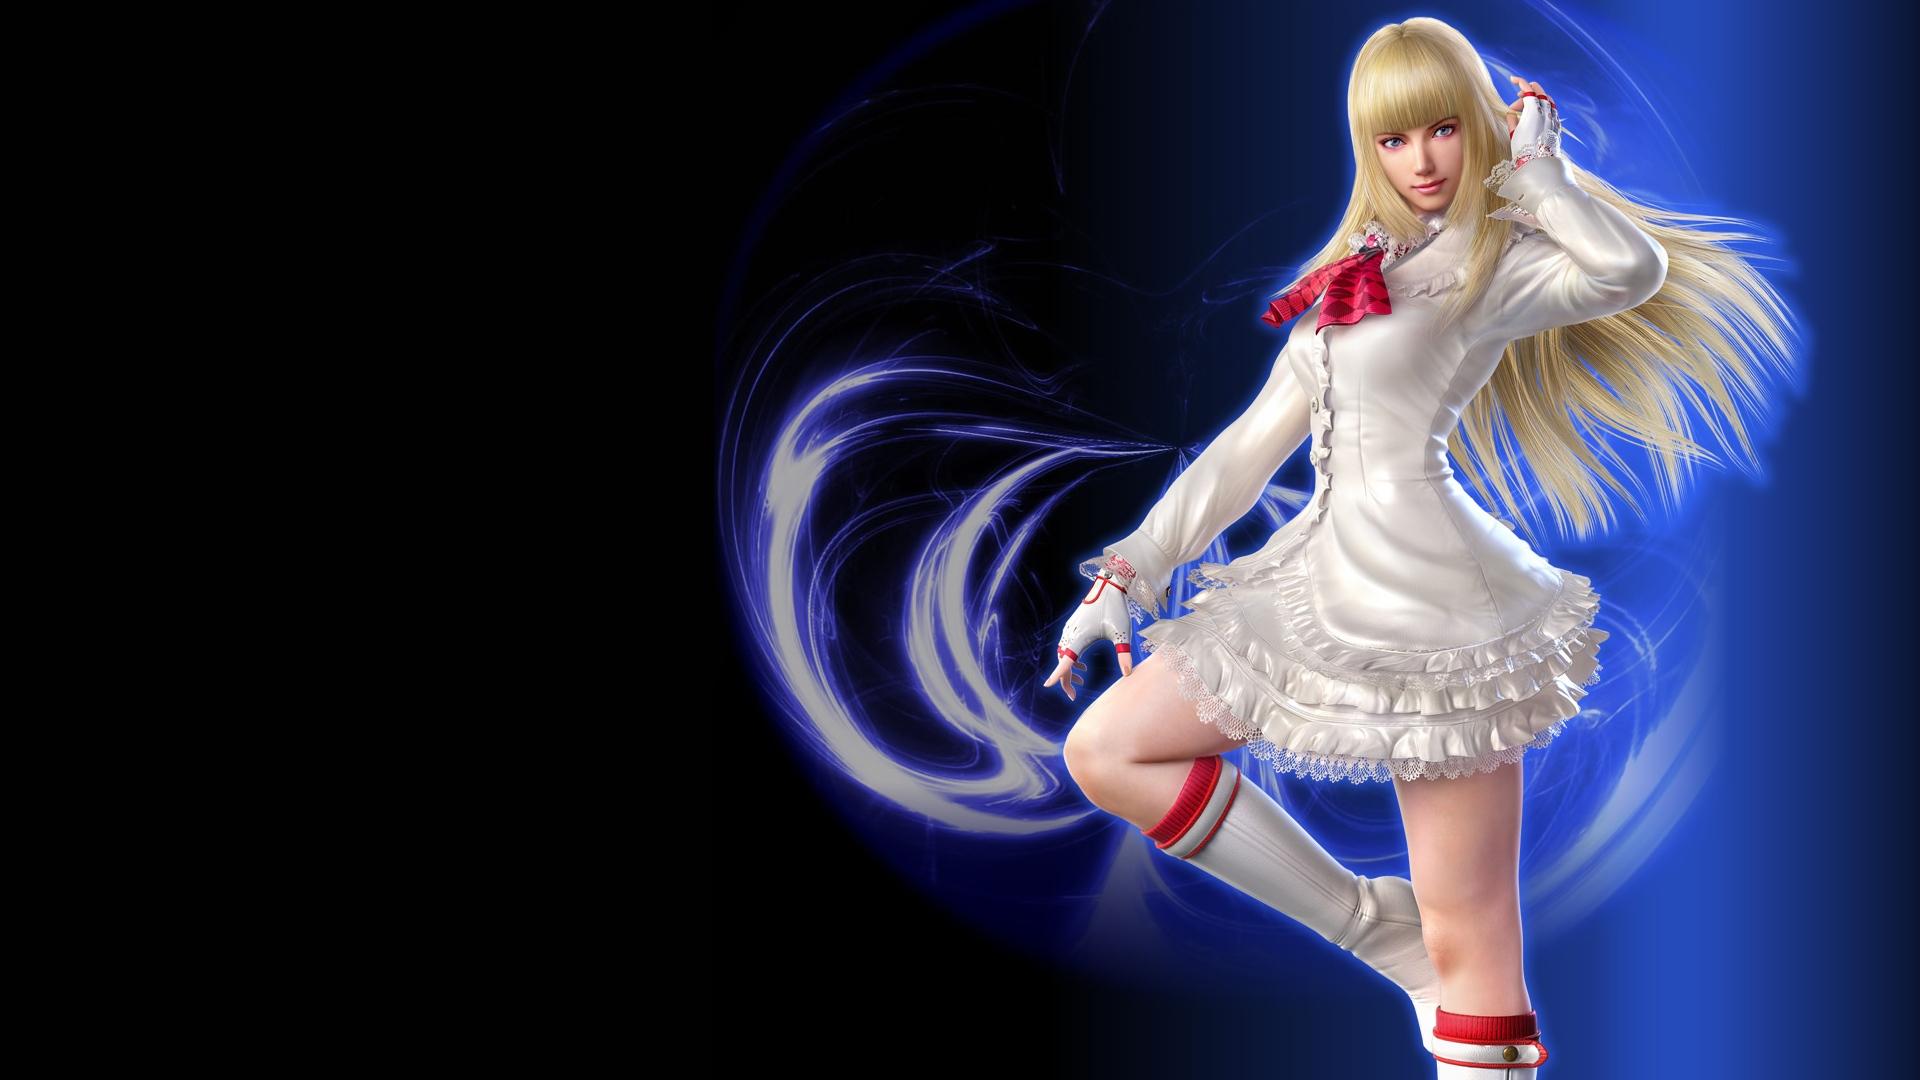 Tekken 7 Girl 540x960 Resolution